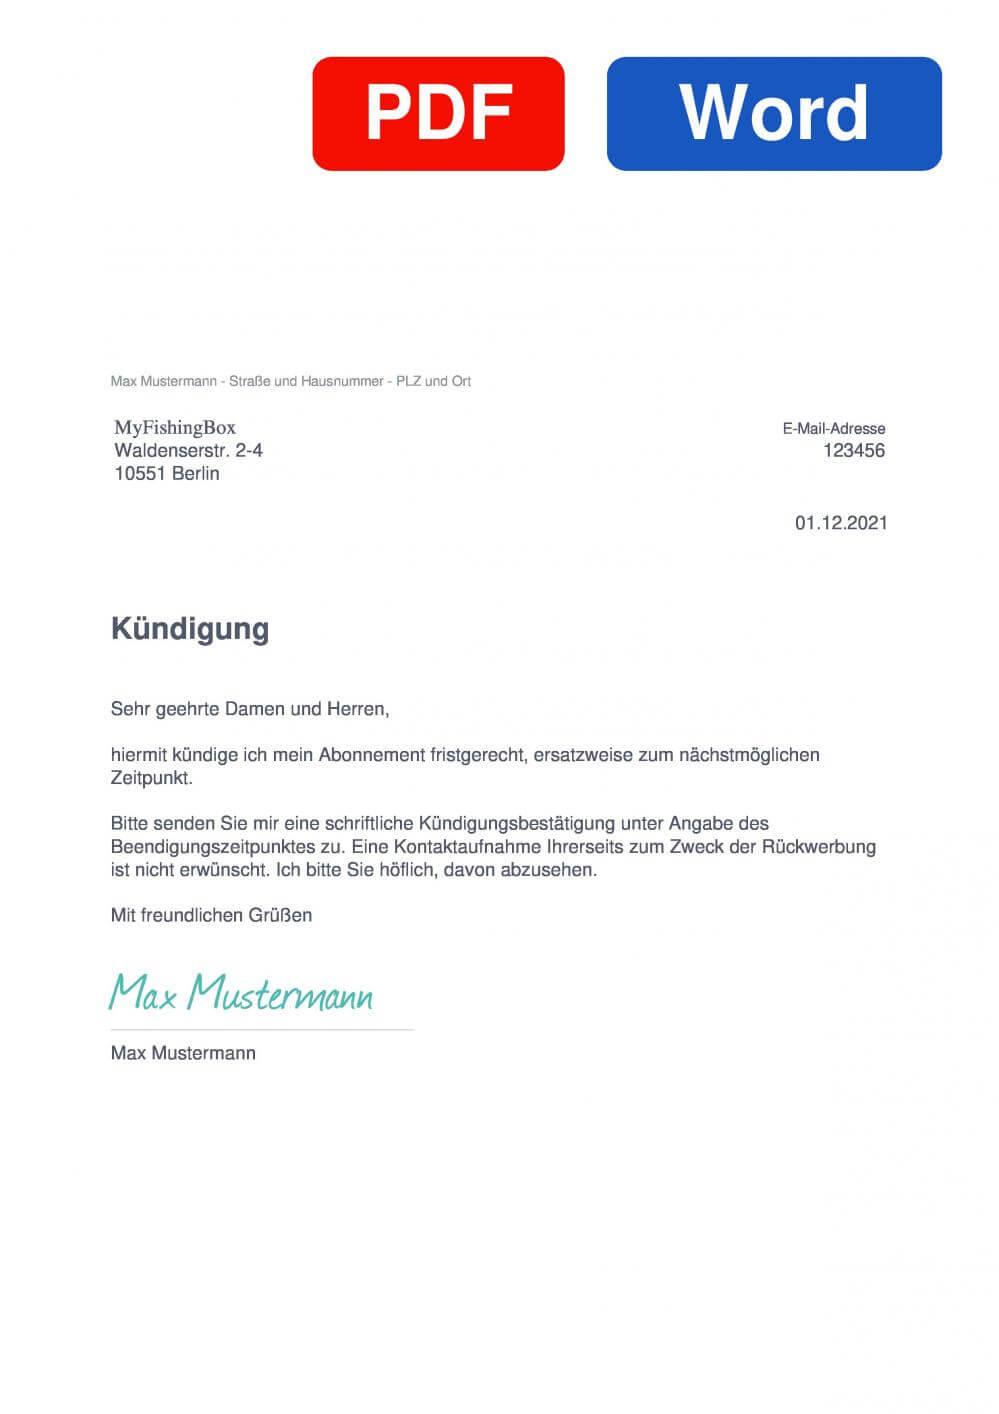 MyFishingBox Muster Vorlage für Kündigungsschreiben